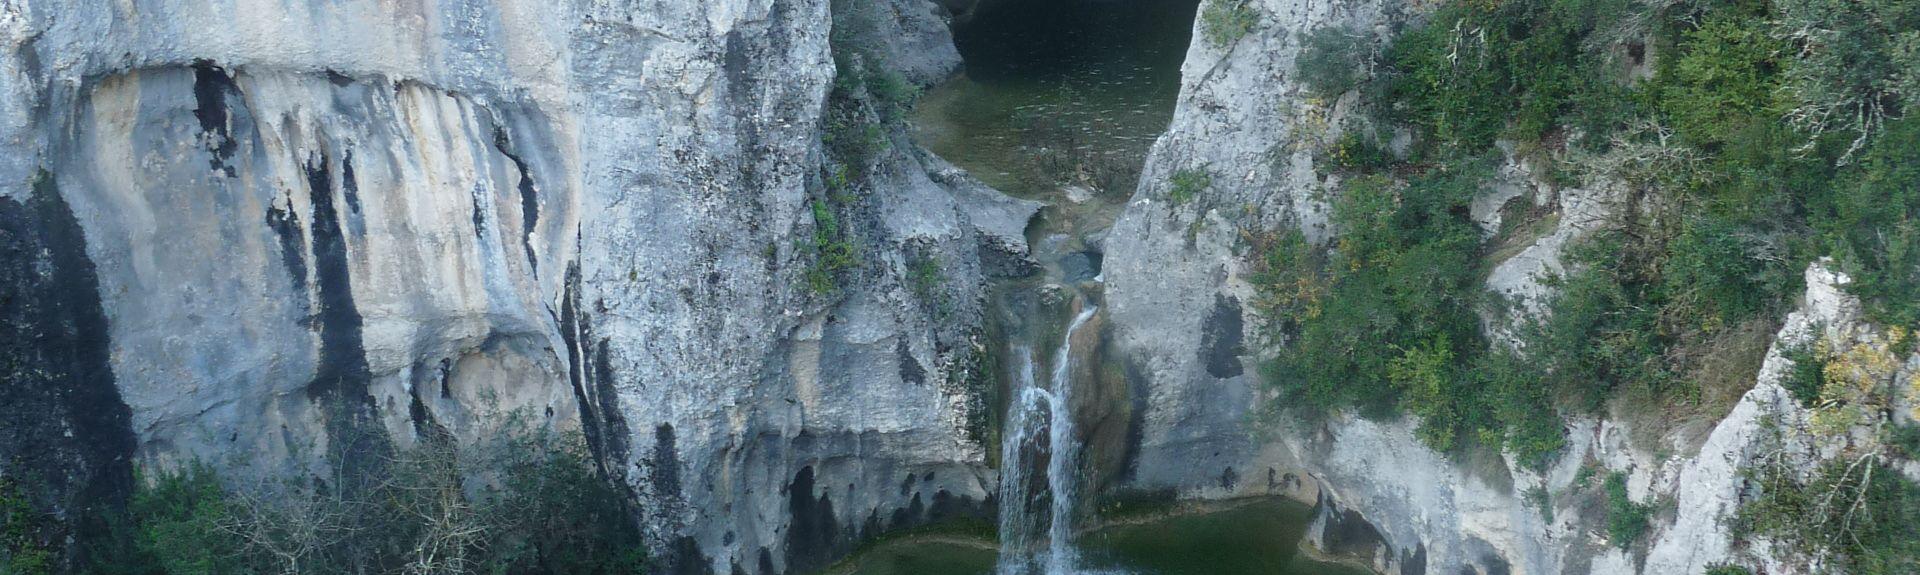 Vagnas, Ardèche (département), France